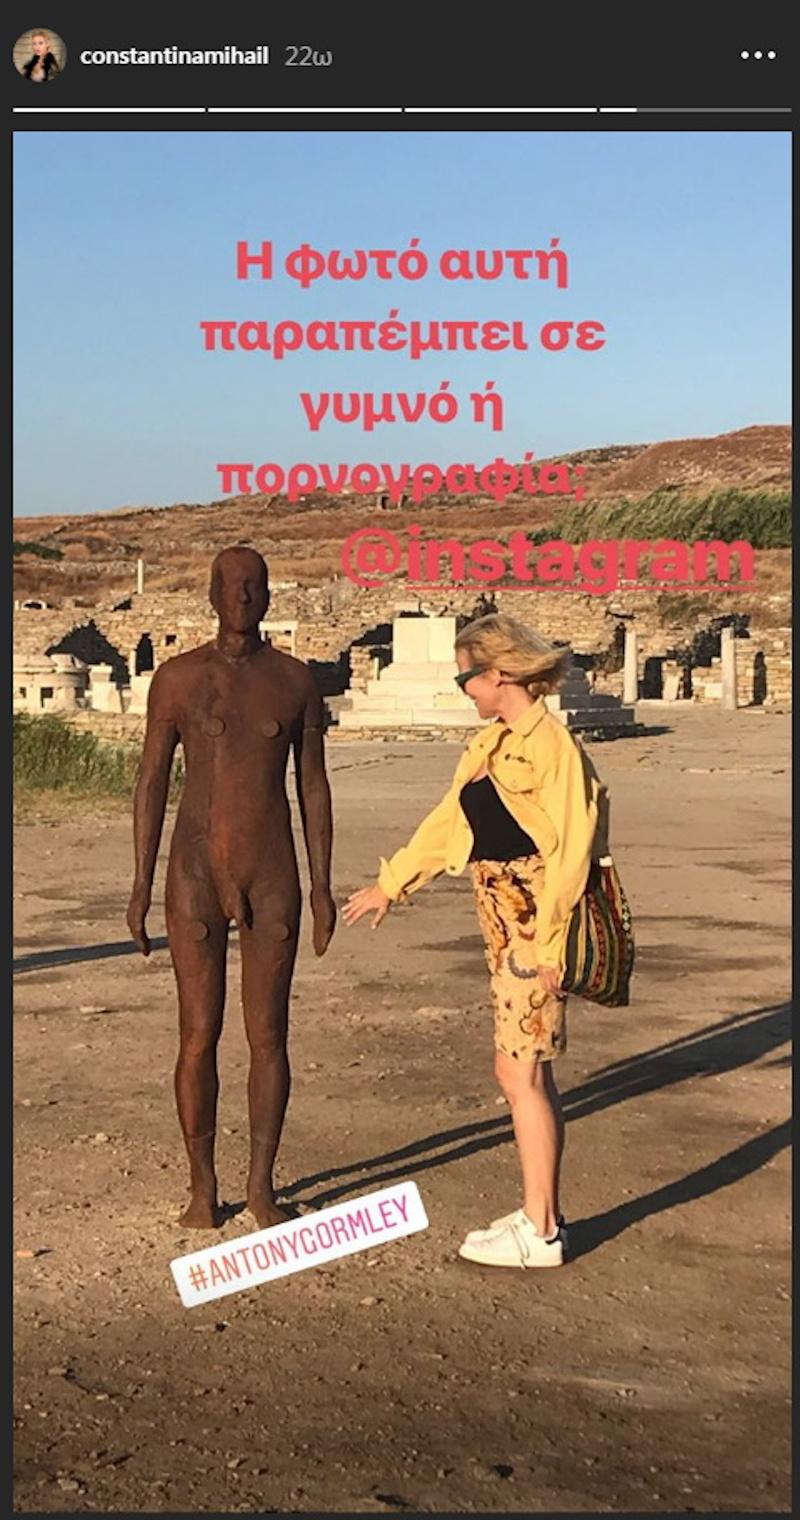 Η Κωνσταντίνα Μιχαήλ ανέβασε ξανά τη φωτογραφία, αδιαφορώντας για την απόφαση του Instagram